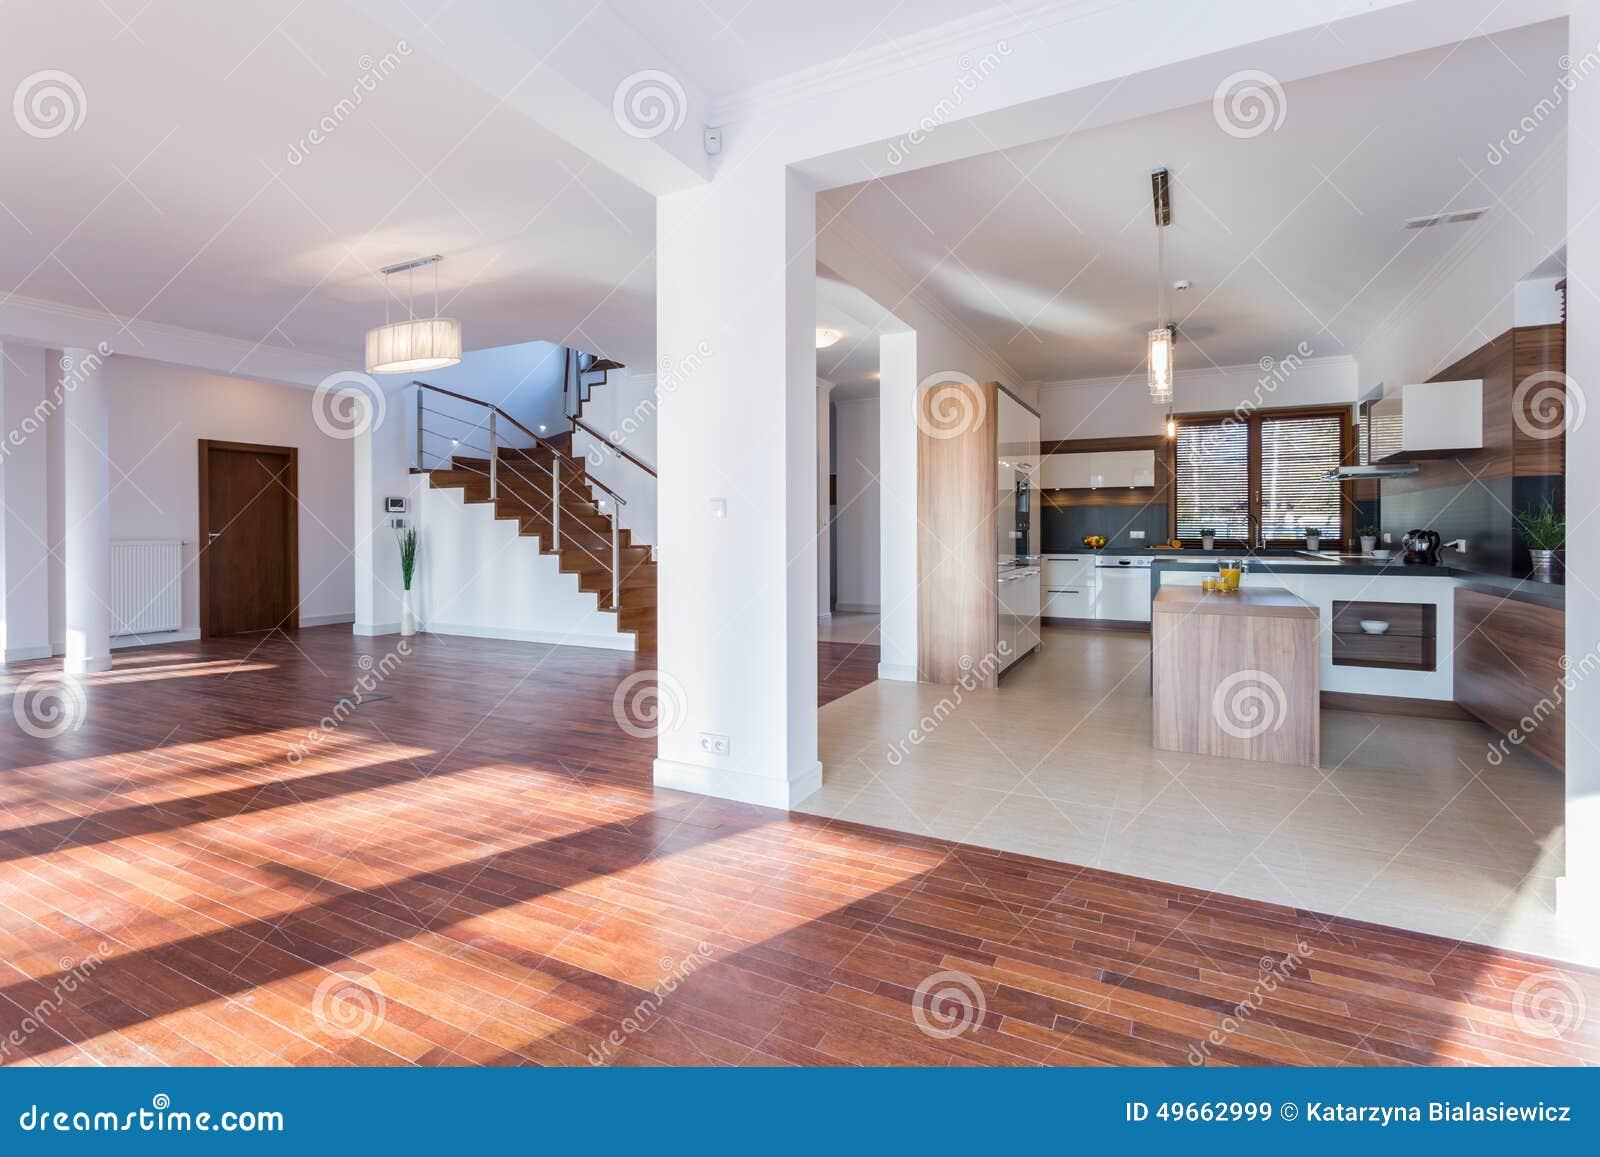 Rymlig korridor och öppet kök arkivfoto   bild: 49662999